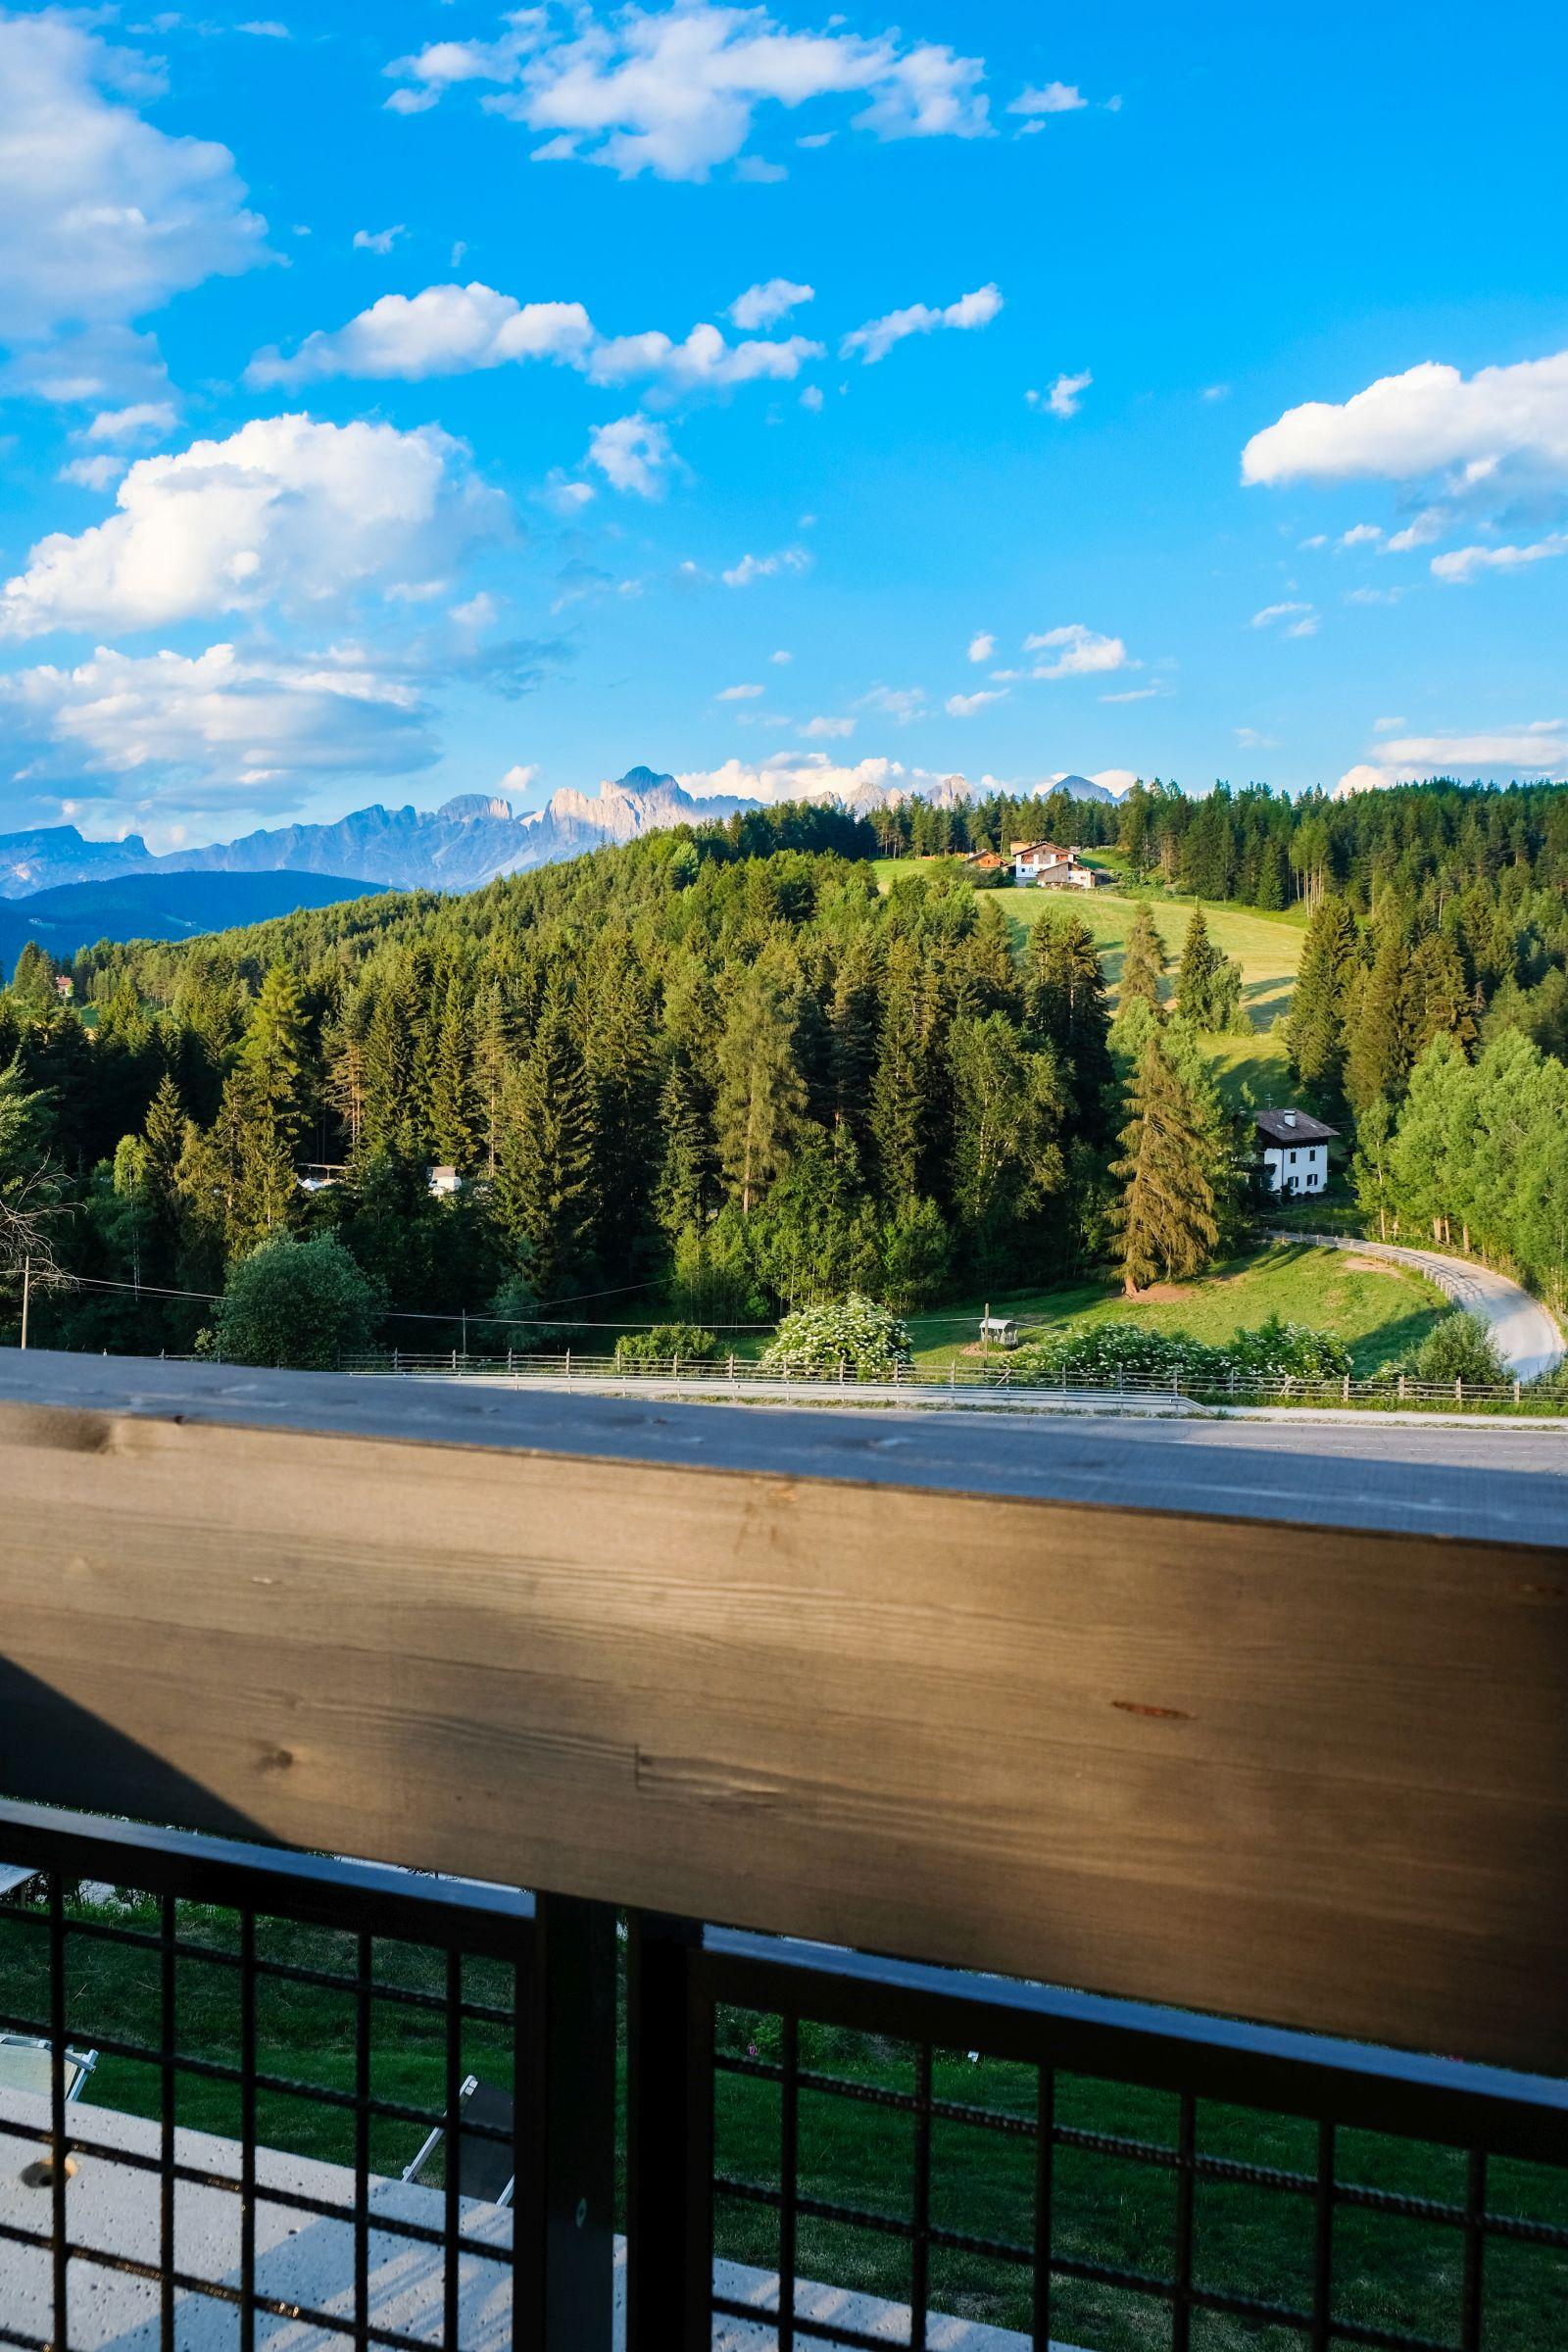 Hotel Pfösl Ausblick Terrasse Dolomiten Schätze aus meiner Küche